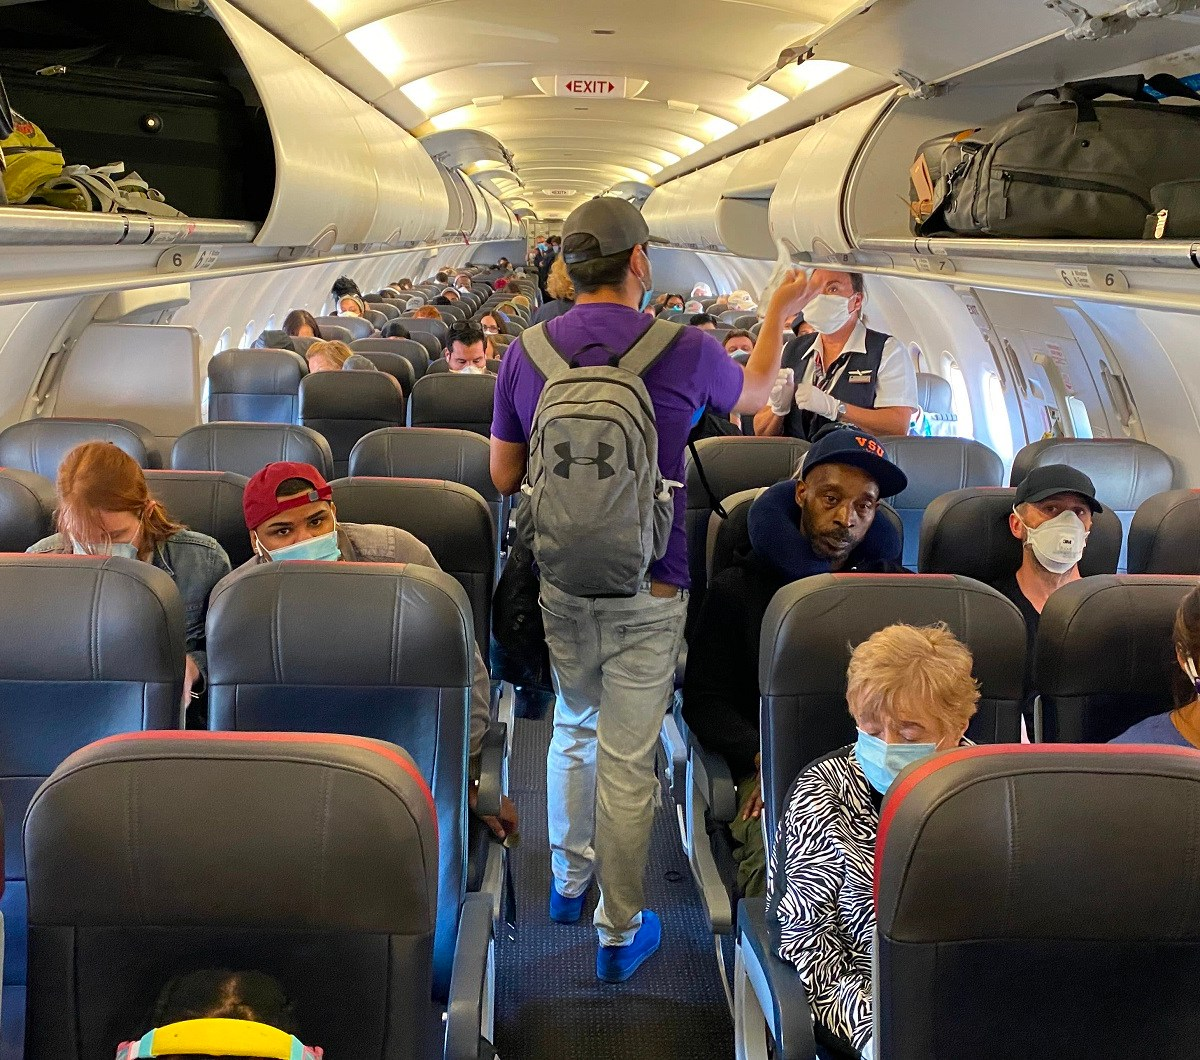 إدارة أمن النقل تمدد متطلبات القناع لراكبي الطائرات والحافلات والقطارات حتى منتصف سبتمبر